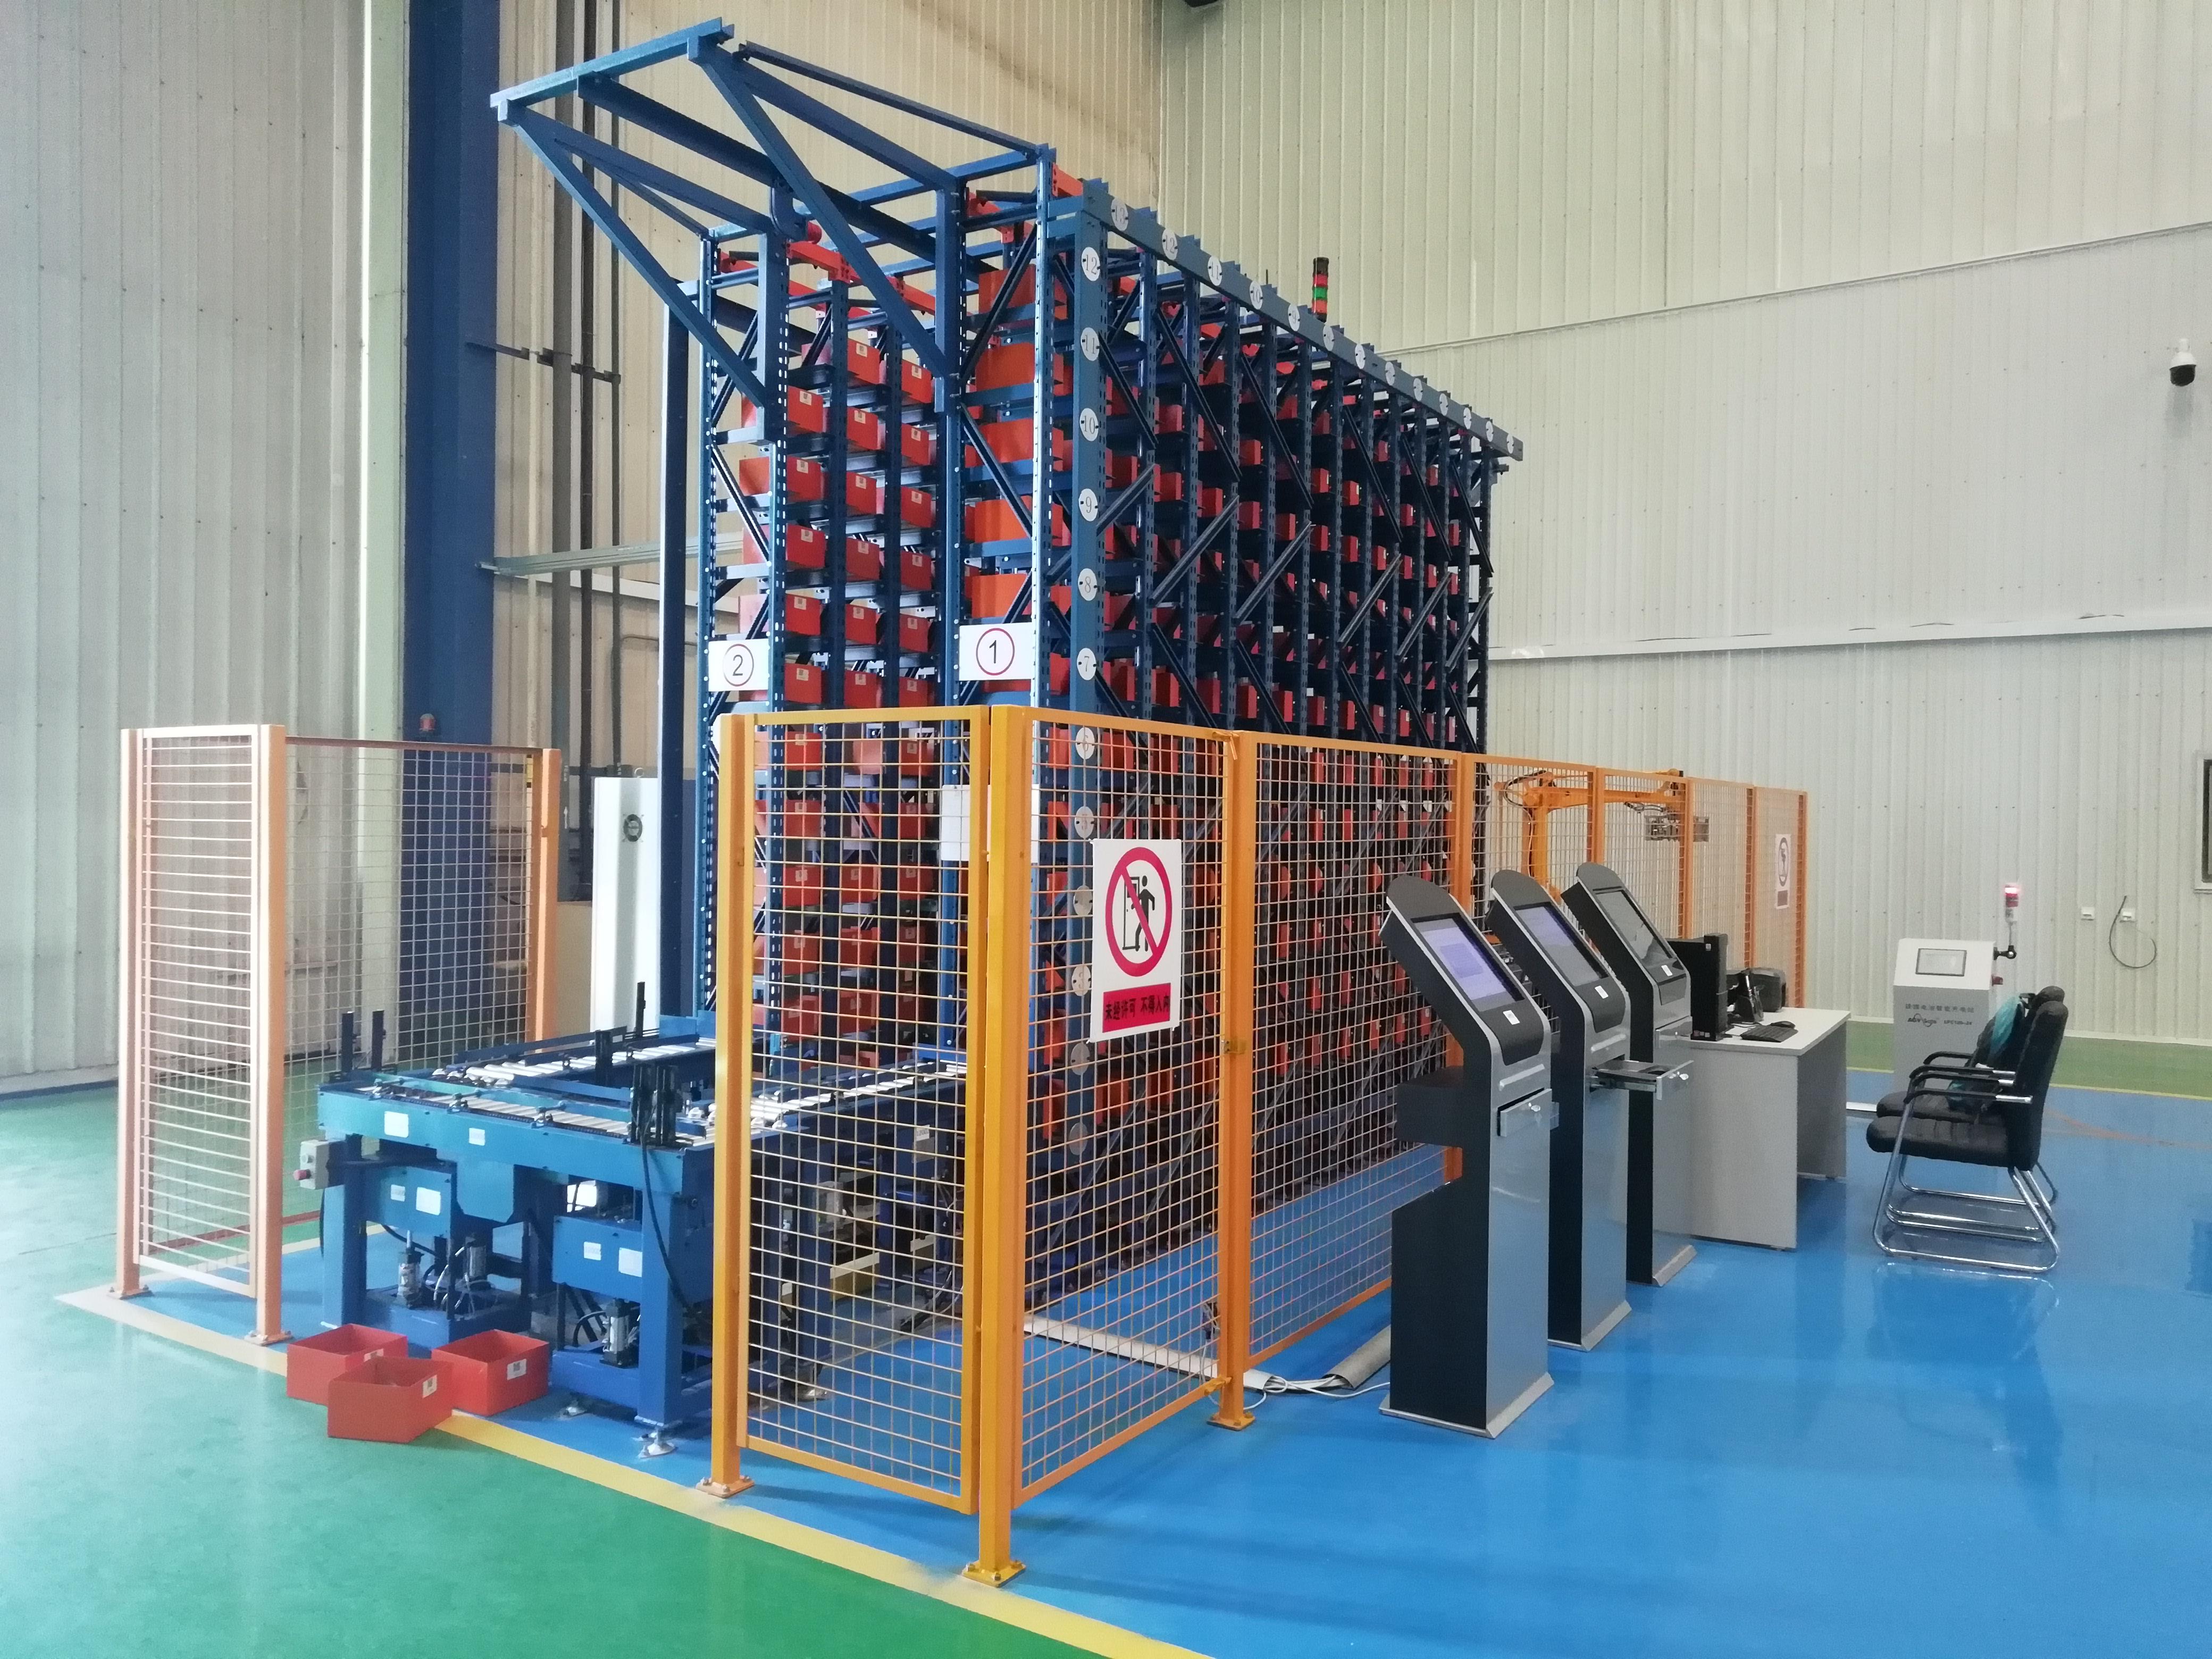 軍工配件立體倉庫